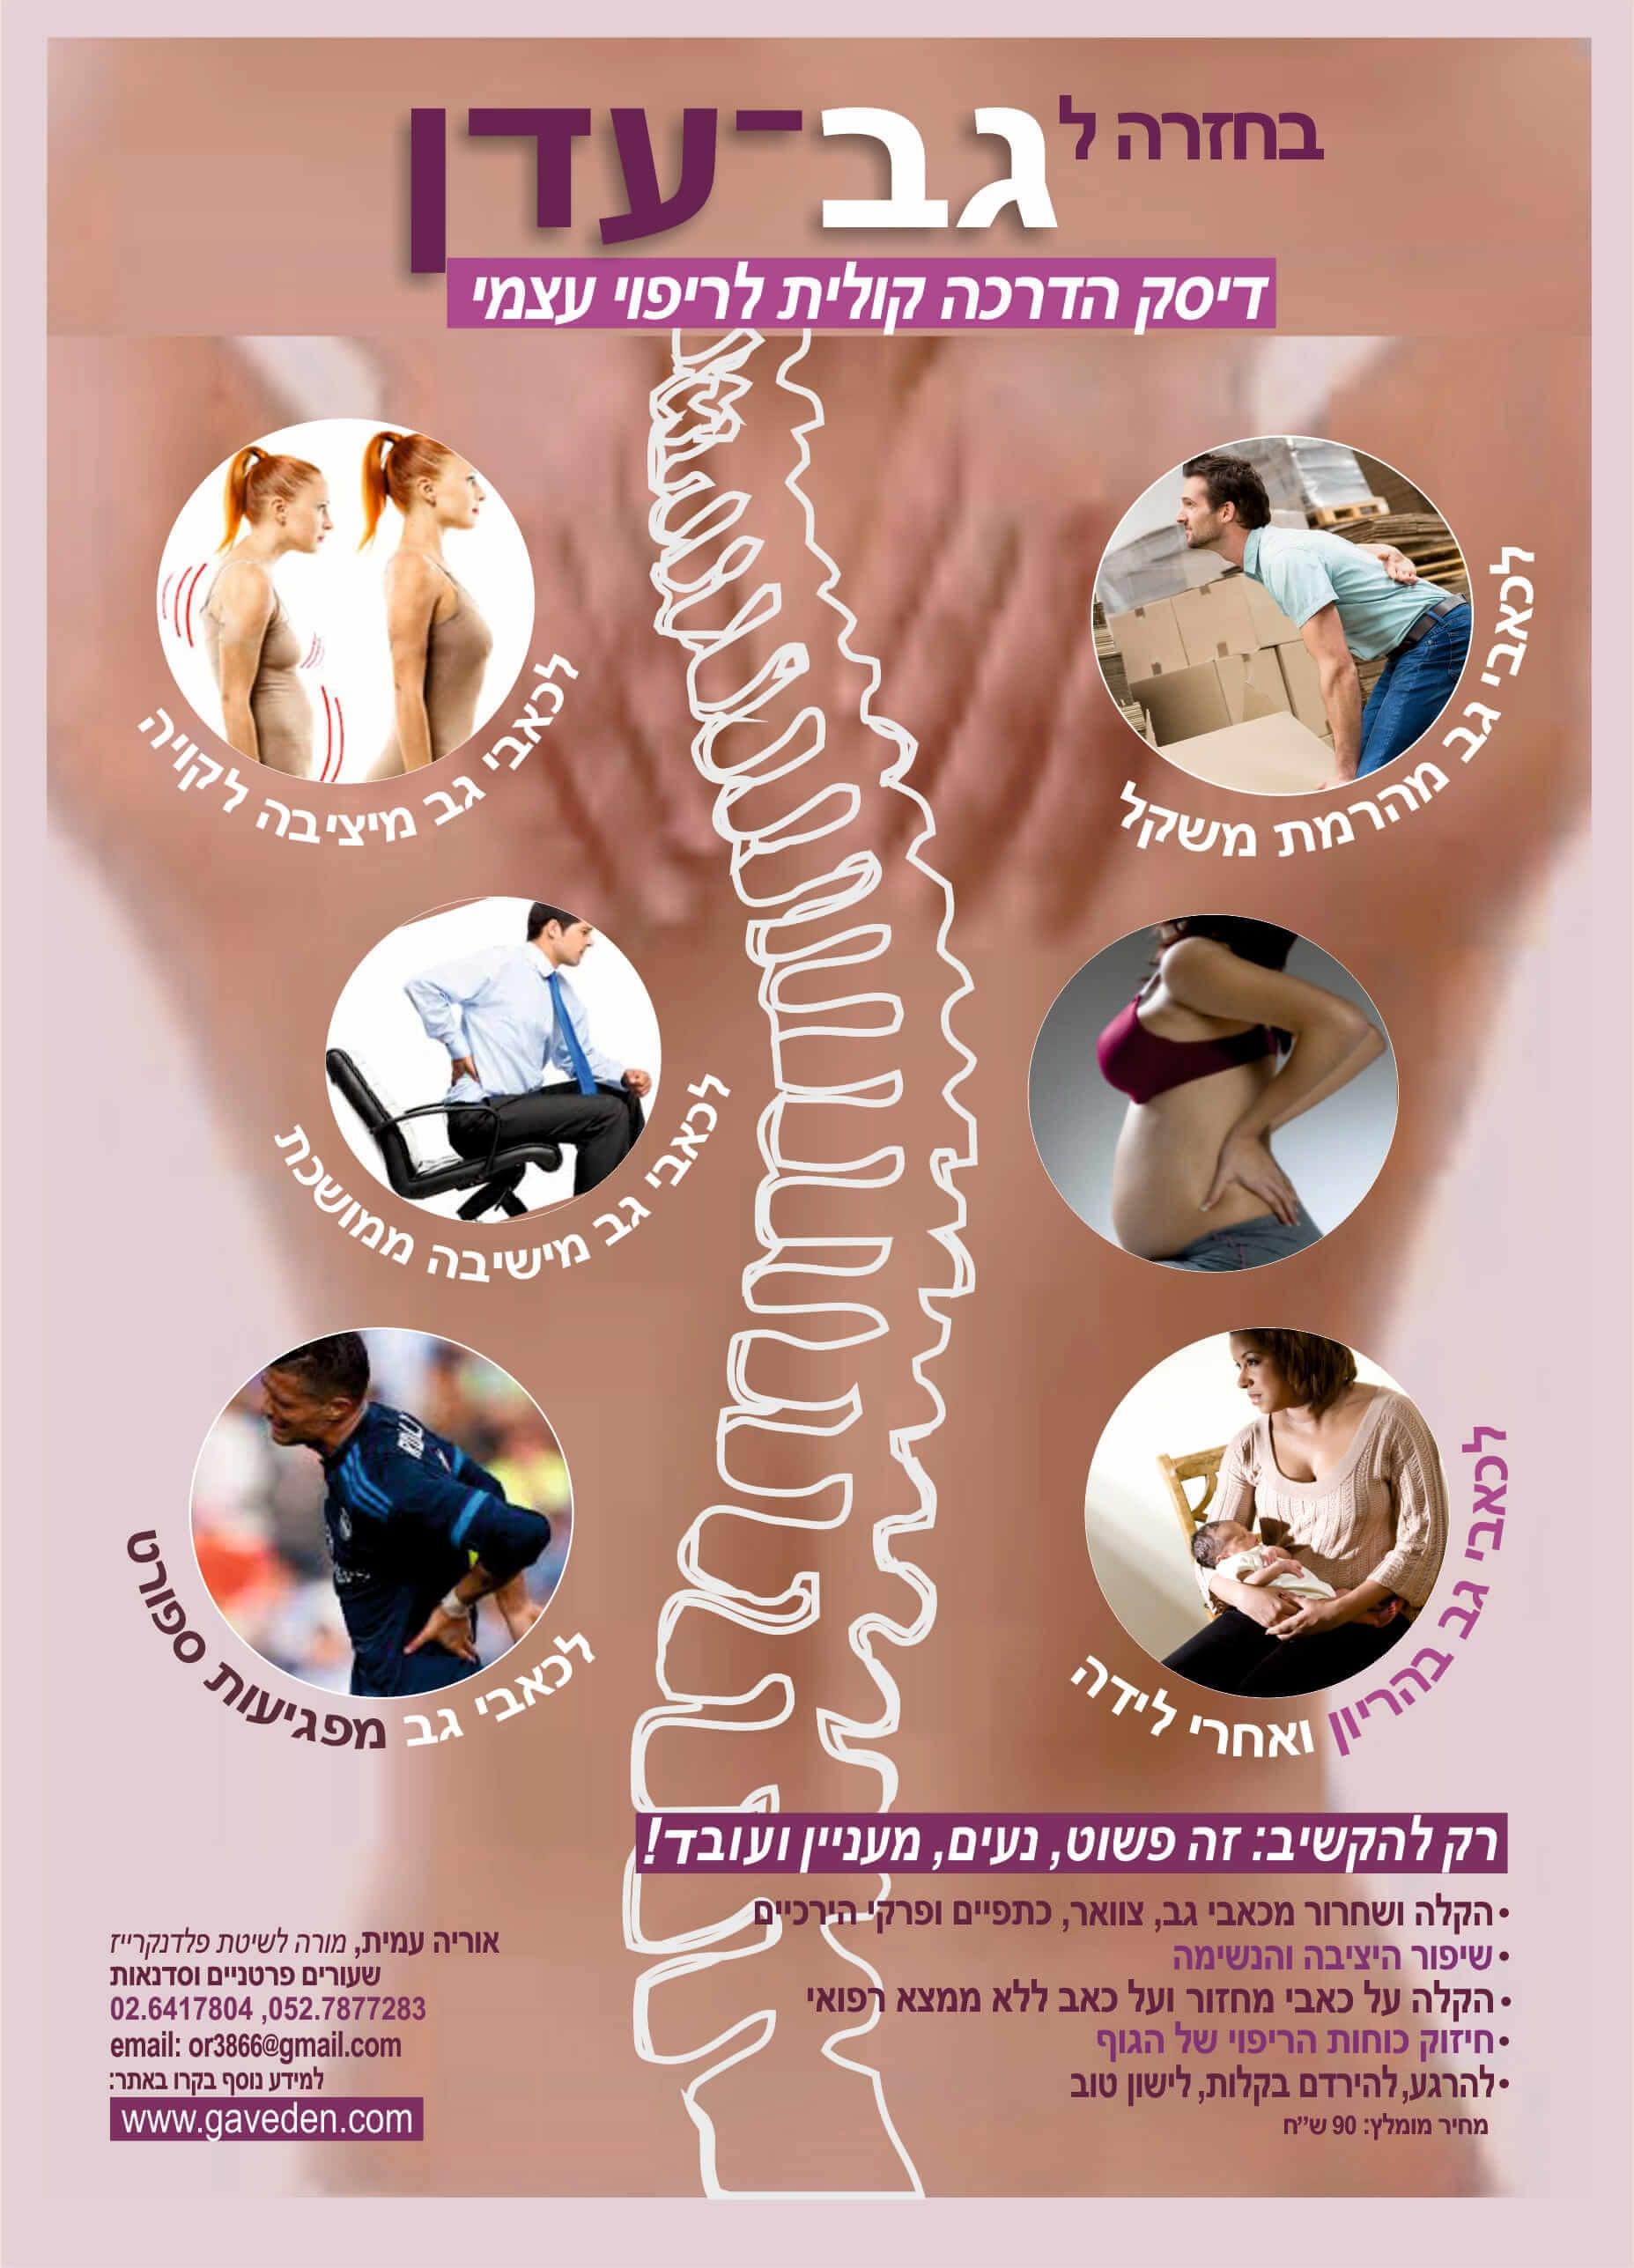 חזרה לגב עדן   -  דיסק הדרכה קולית לריפוי עצמי דרך הגב - אוריה עמית